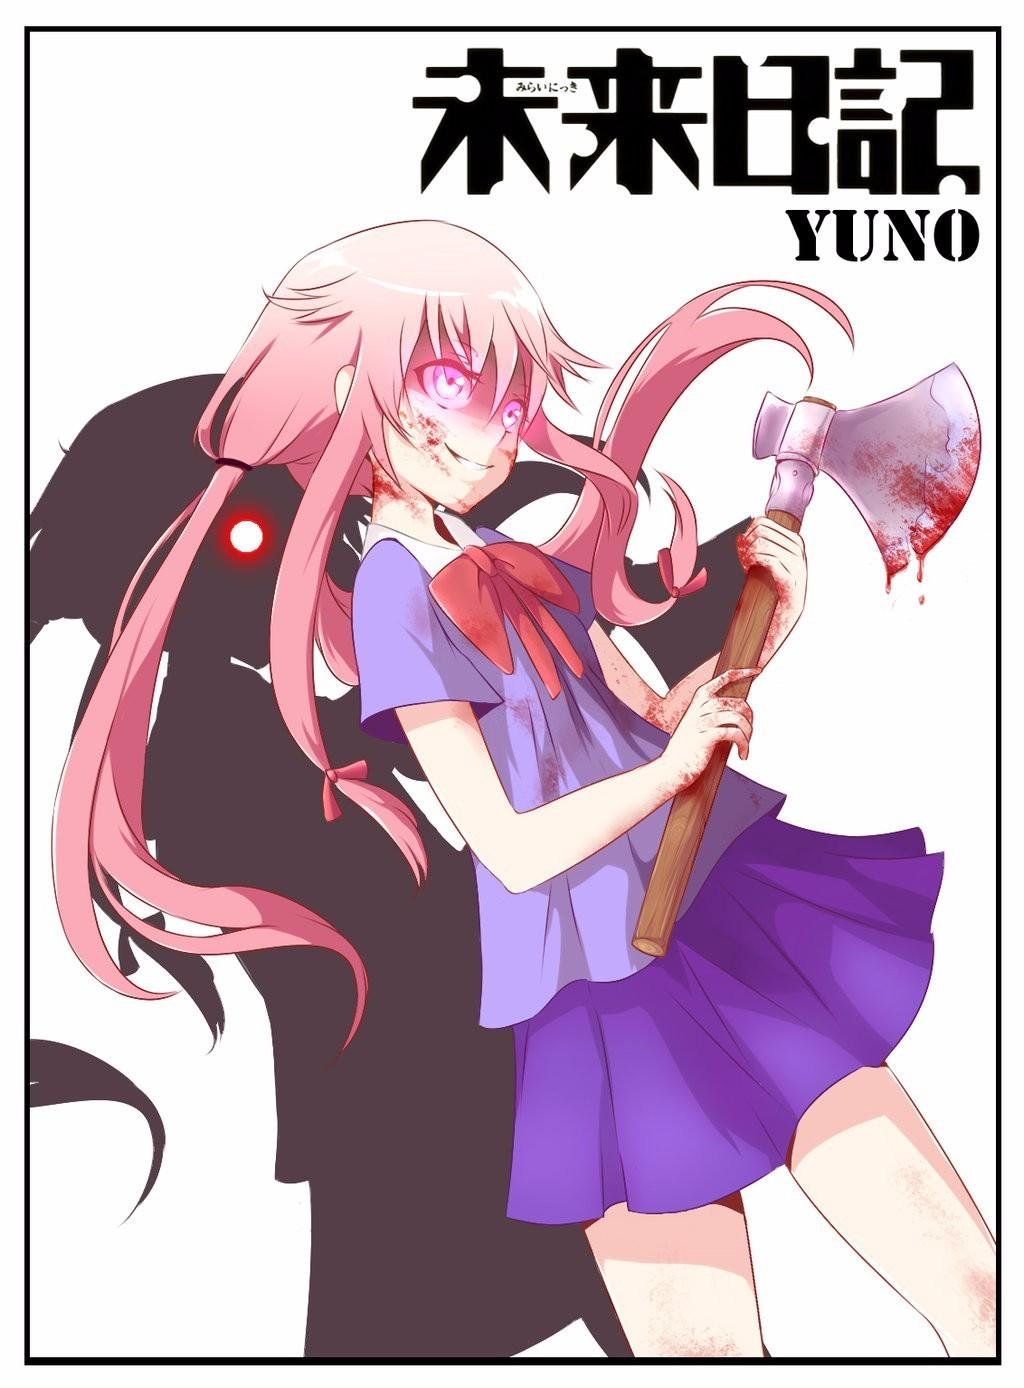 Yuno - Mirai Nikki